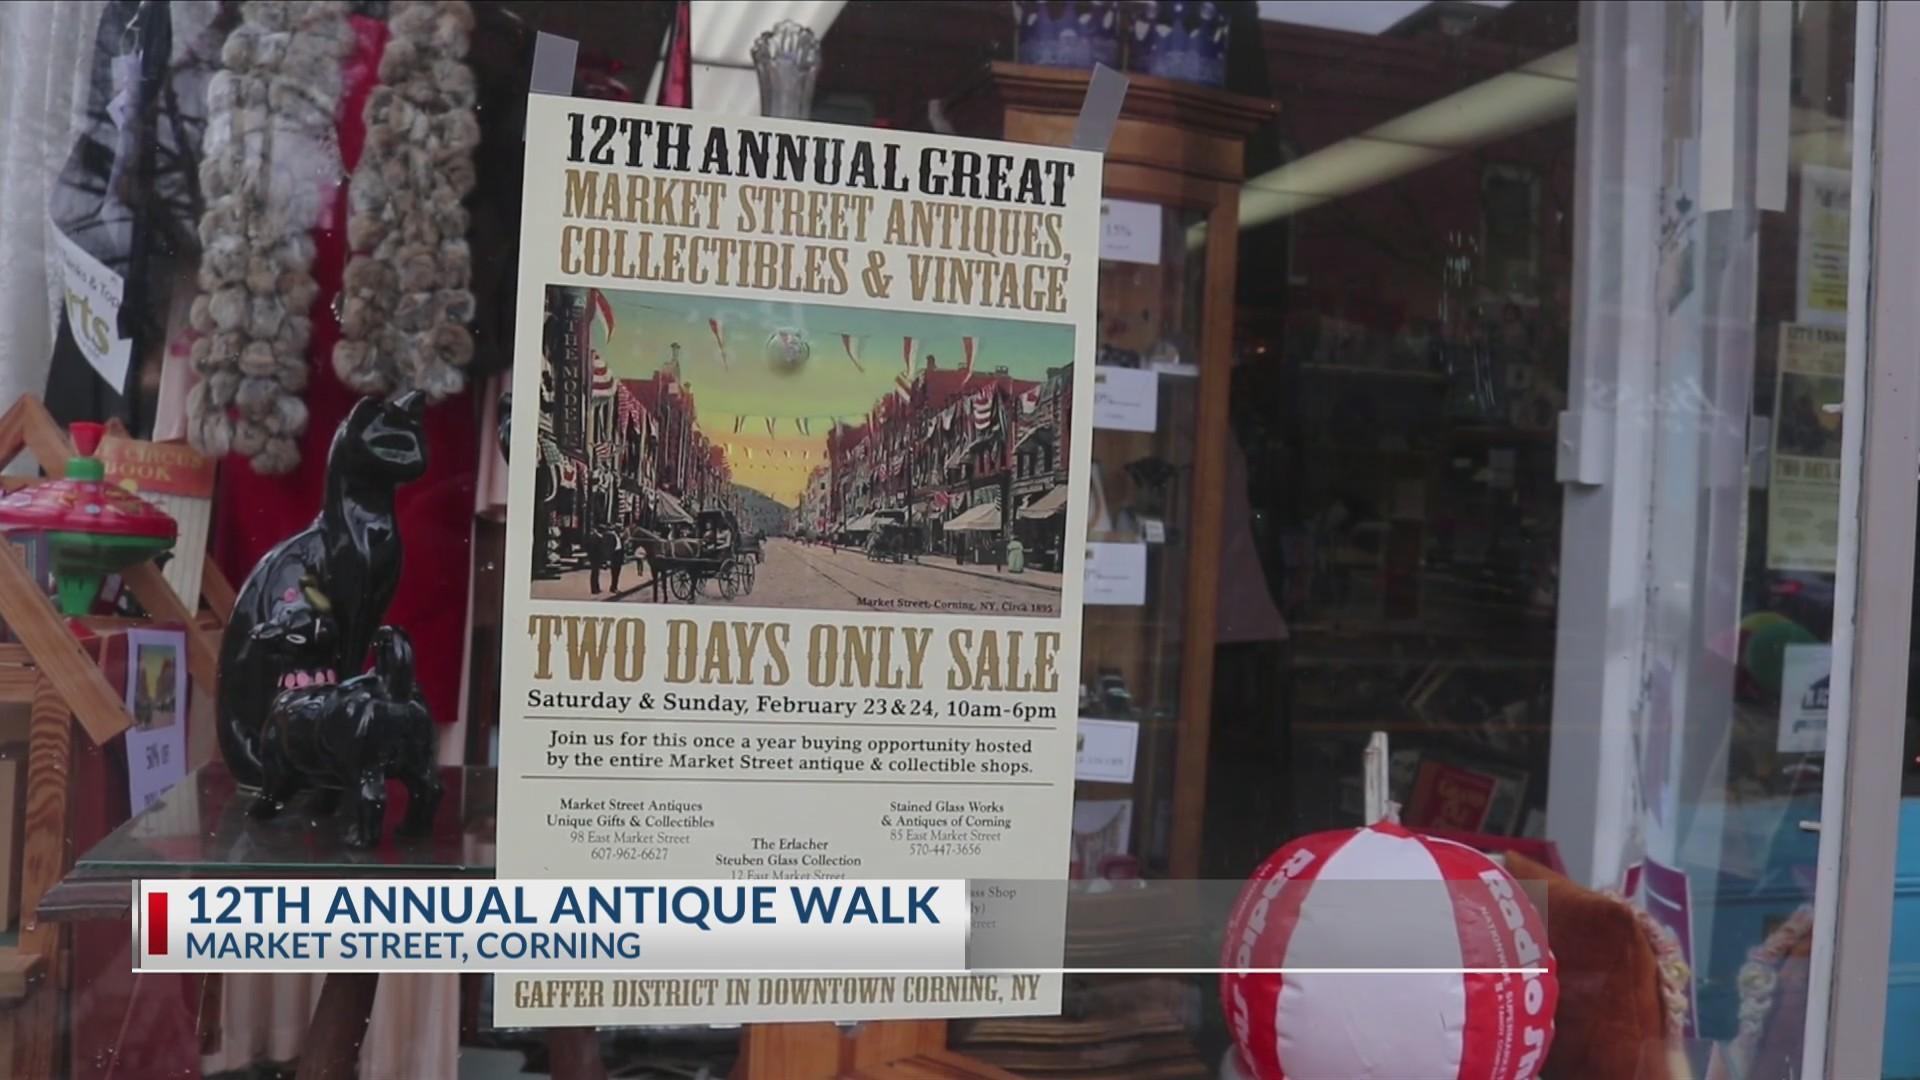 12th Annual Antique Walk